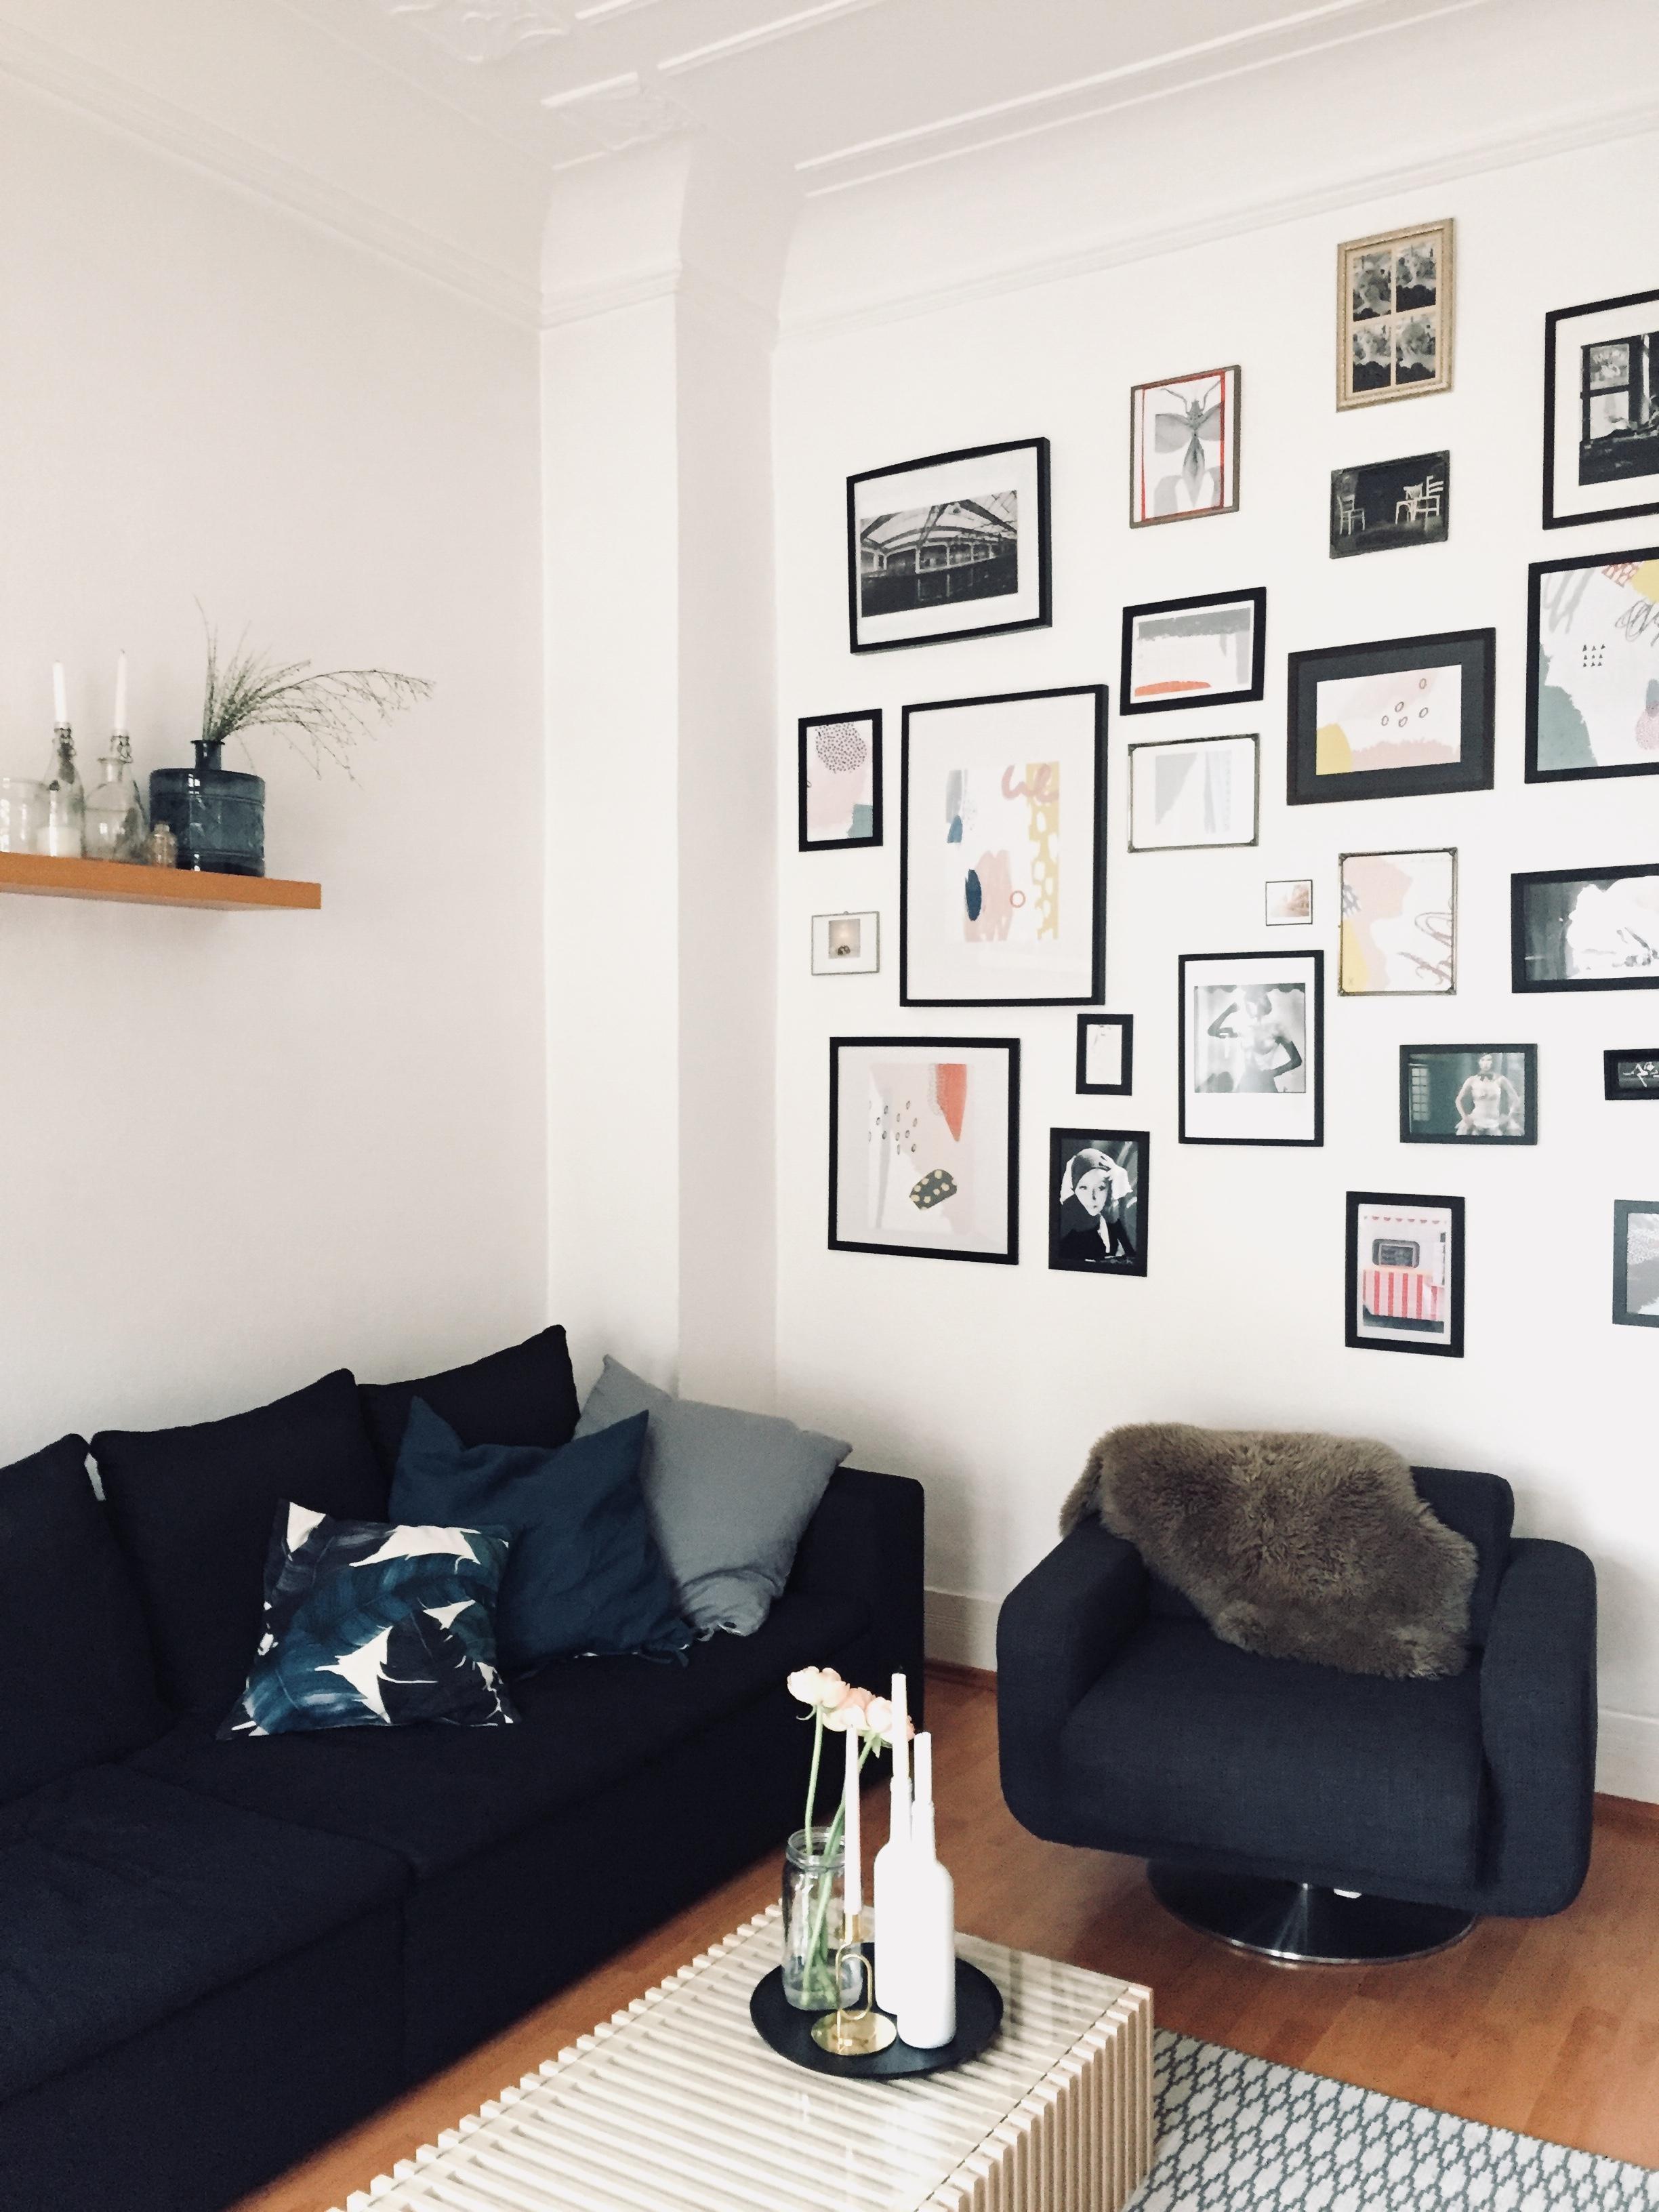 wohnzimmer gallerywall altbauliebe dekoidee interiordesign